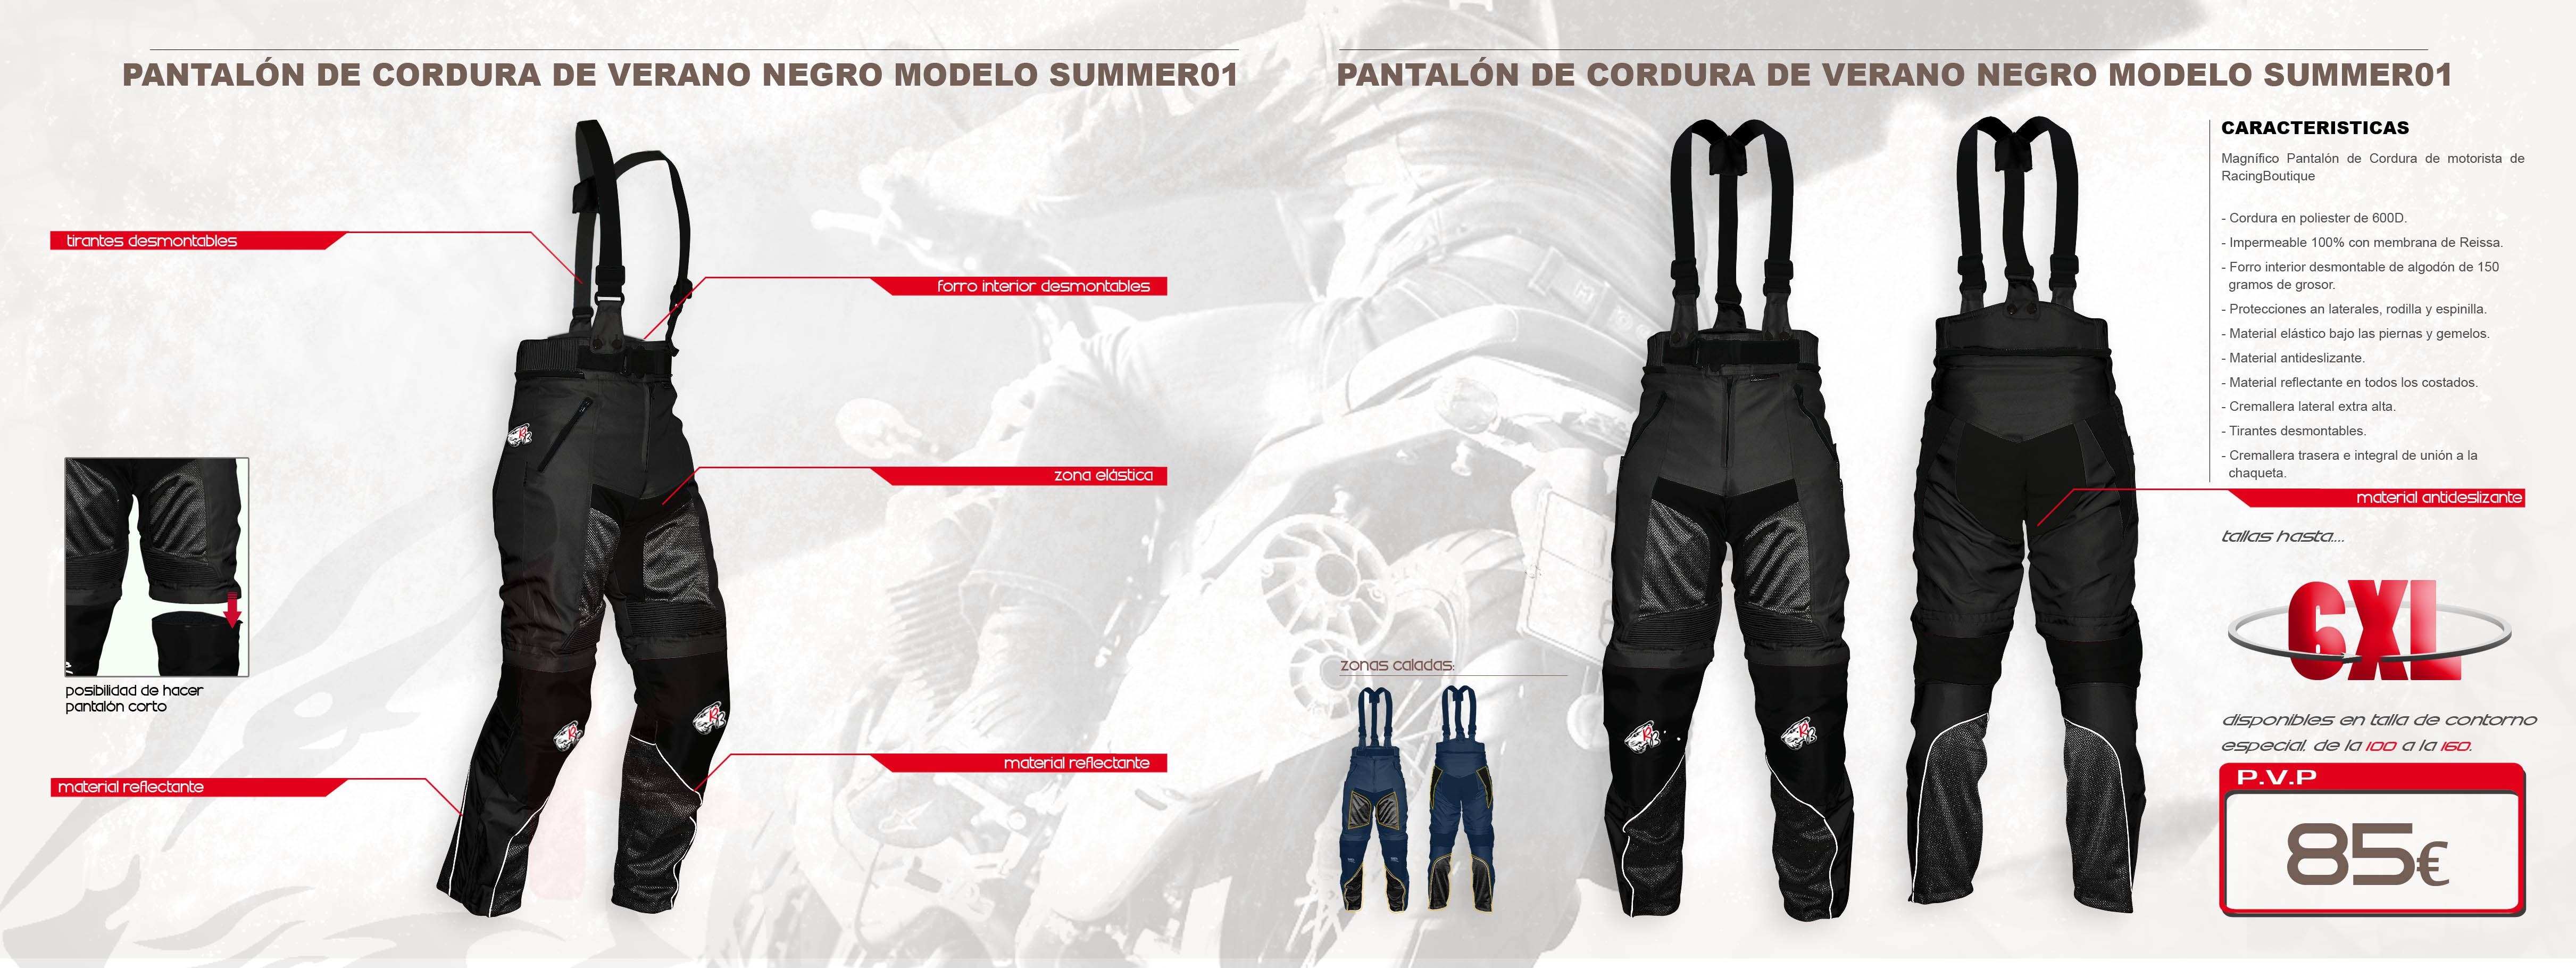 Pantalones de verano SummerNegro